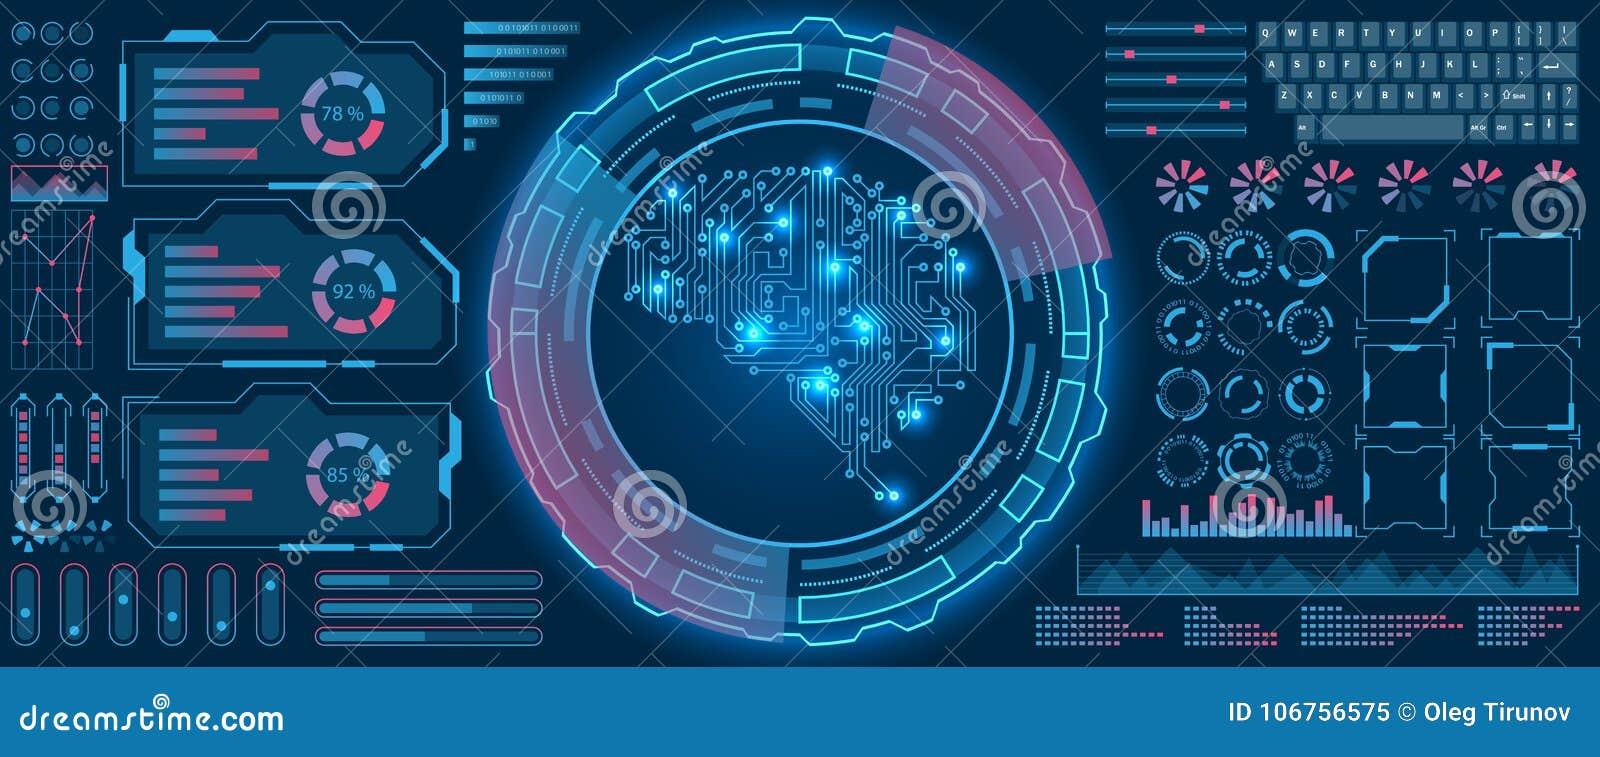 Abstrakte Schnittstelle Hud UI, virtueller Schirm-futuristischer High-Techer Hintergrund